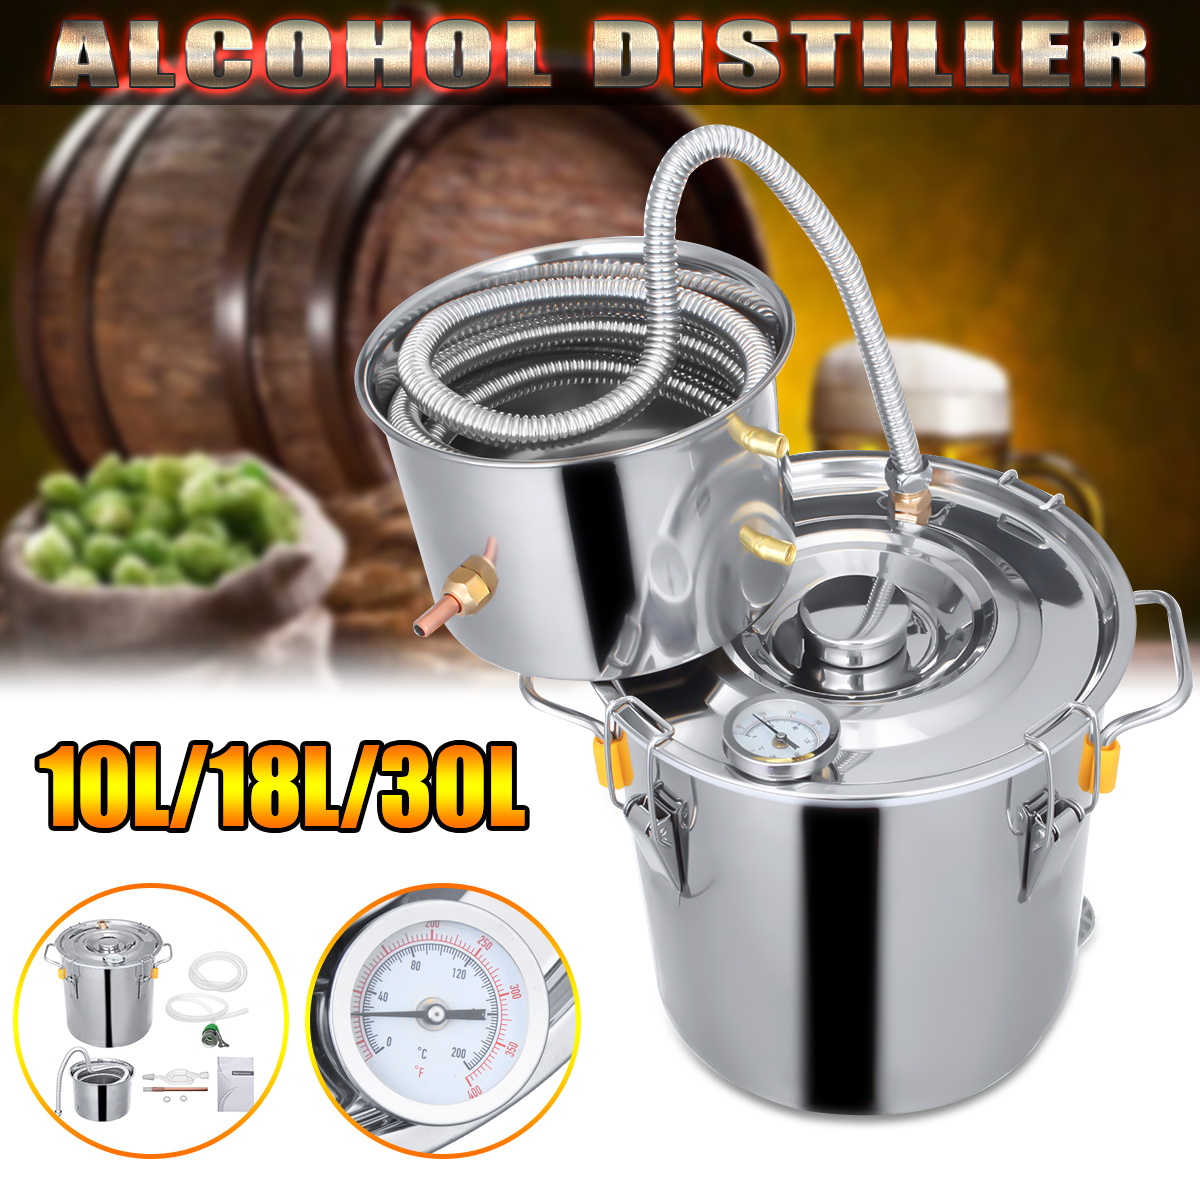 10L/18L/30L Vino Birra Alcol Distiller Moonshine Alcol Casa FAI DA TE Kit di Casa Distillatore Birra In Acciaio Distillatore Attrezzature